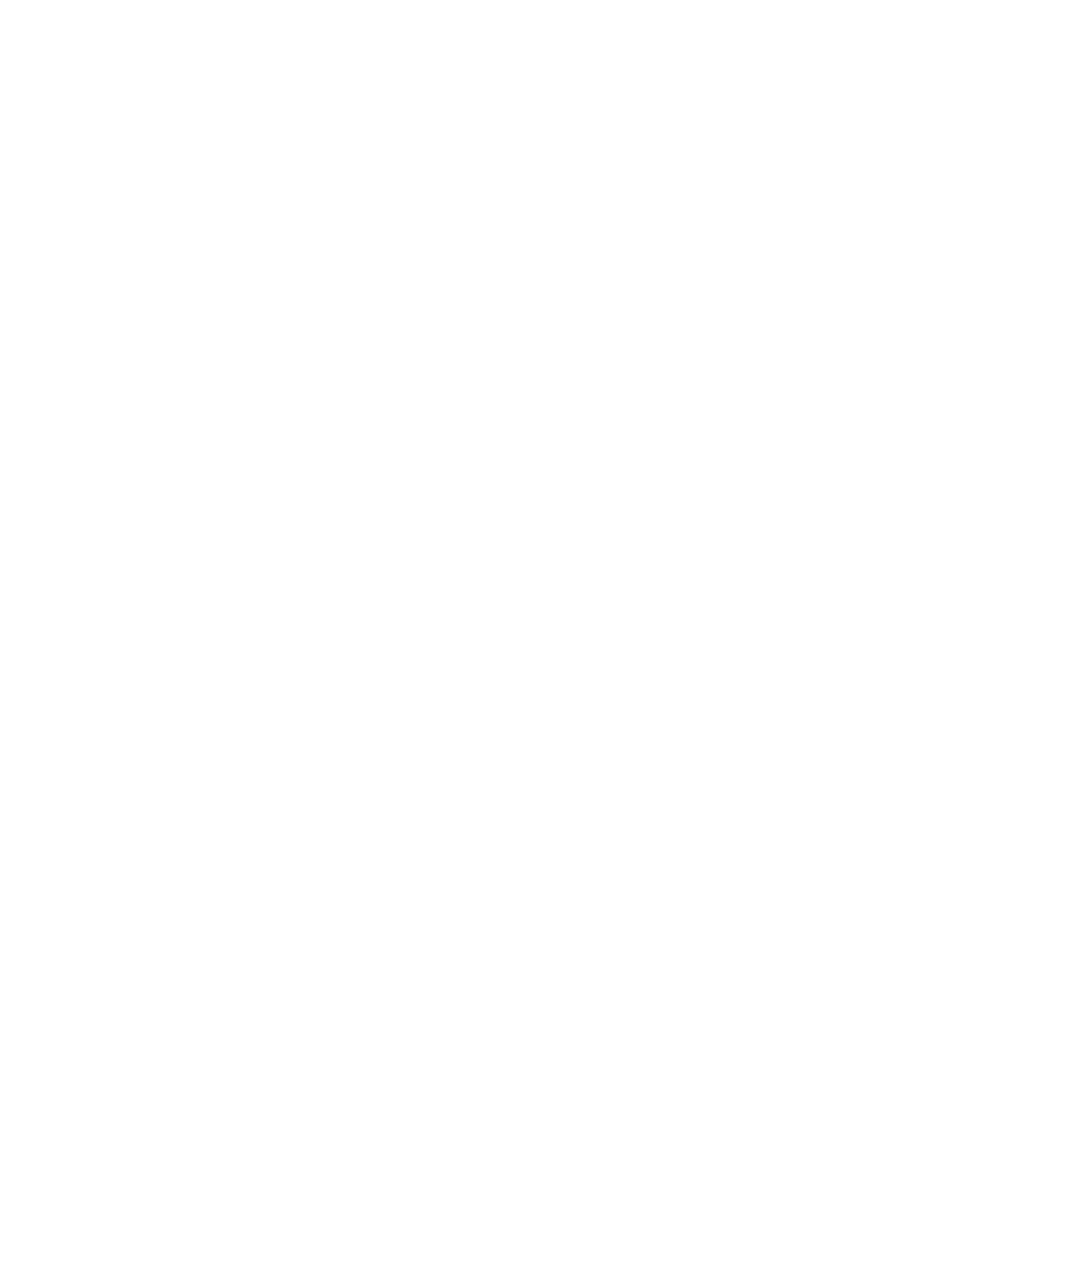 Indeks Kualitas Program dan Berita TVRI Naik Drastis